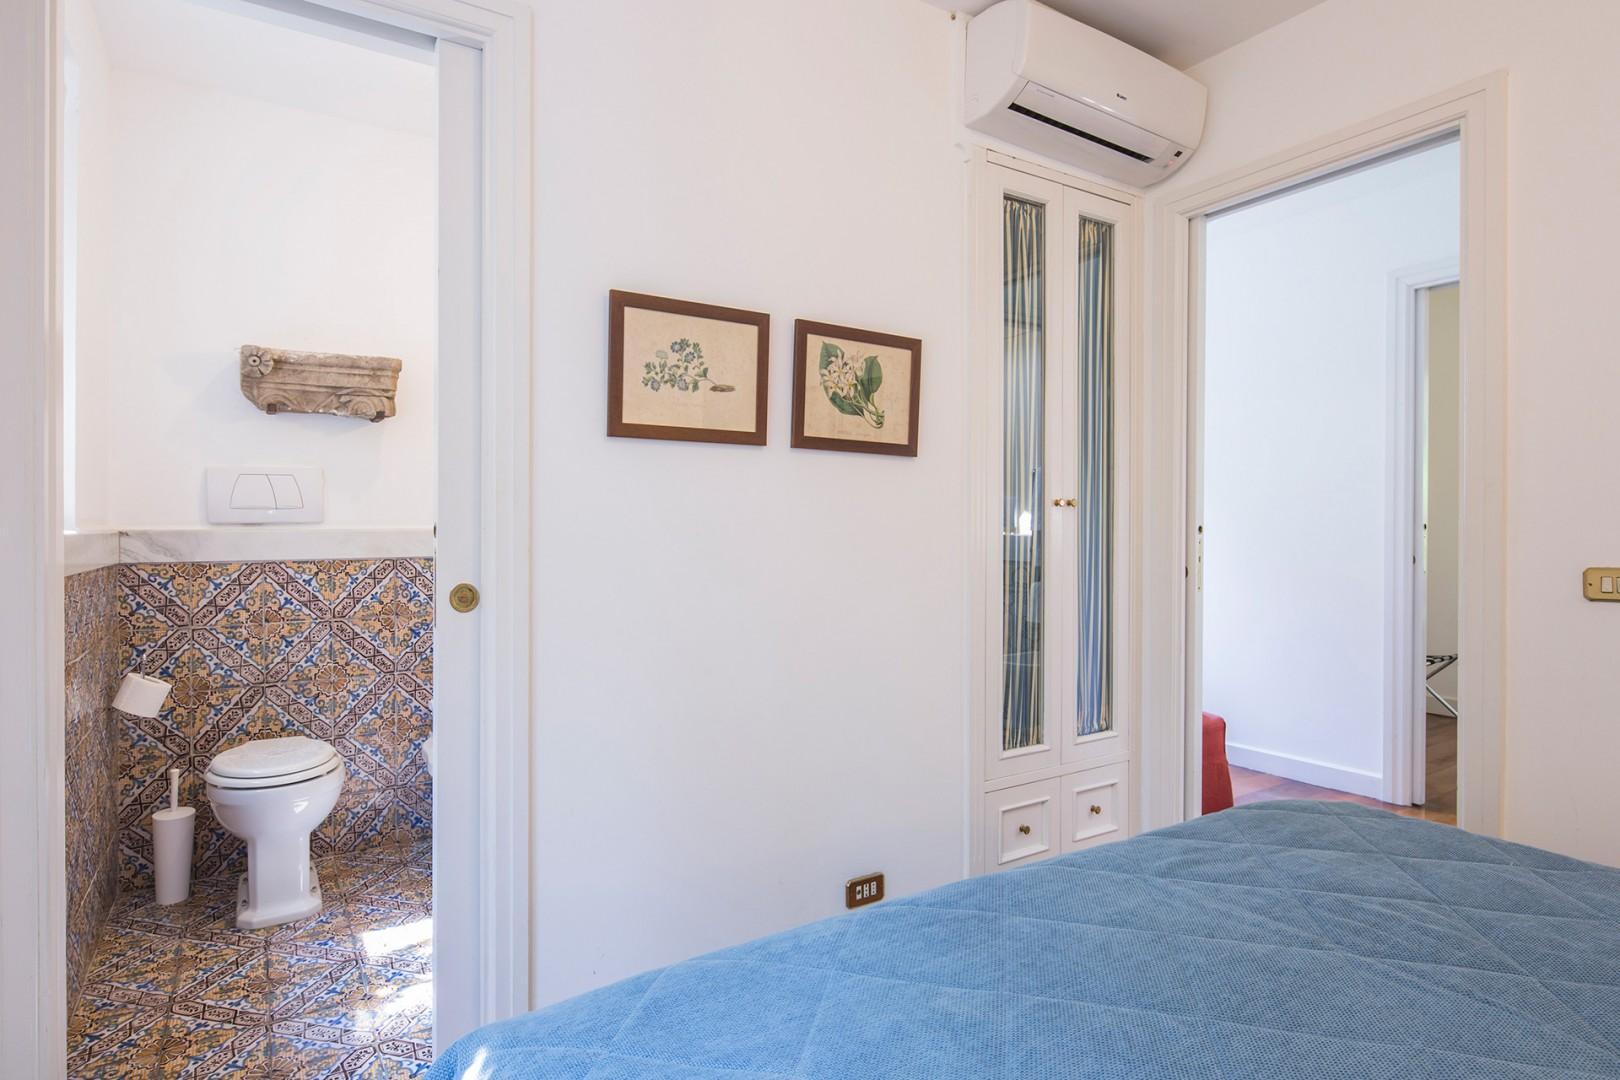 Bedroom 2 view towards en suite bathroom.